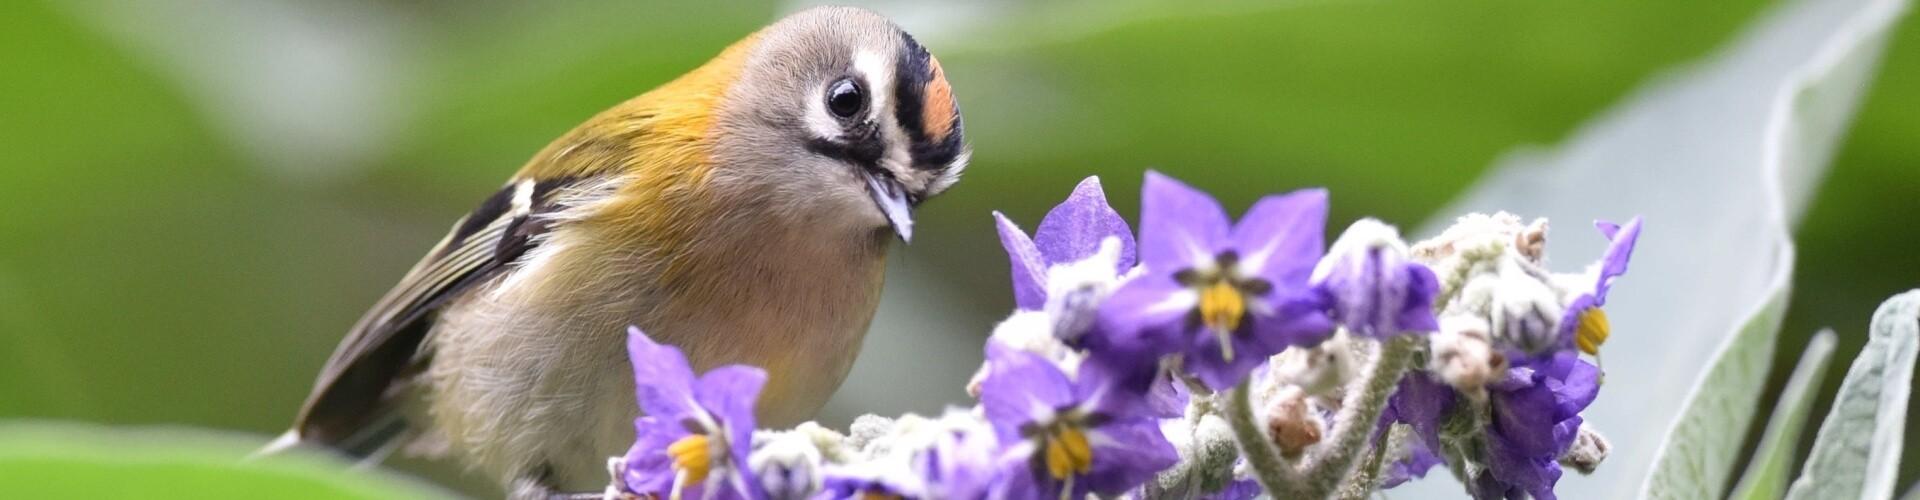 Viagem de Observação de Aves Endemicas da Madeira